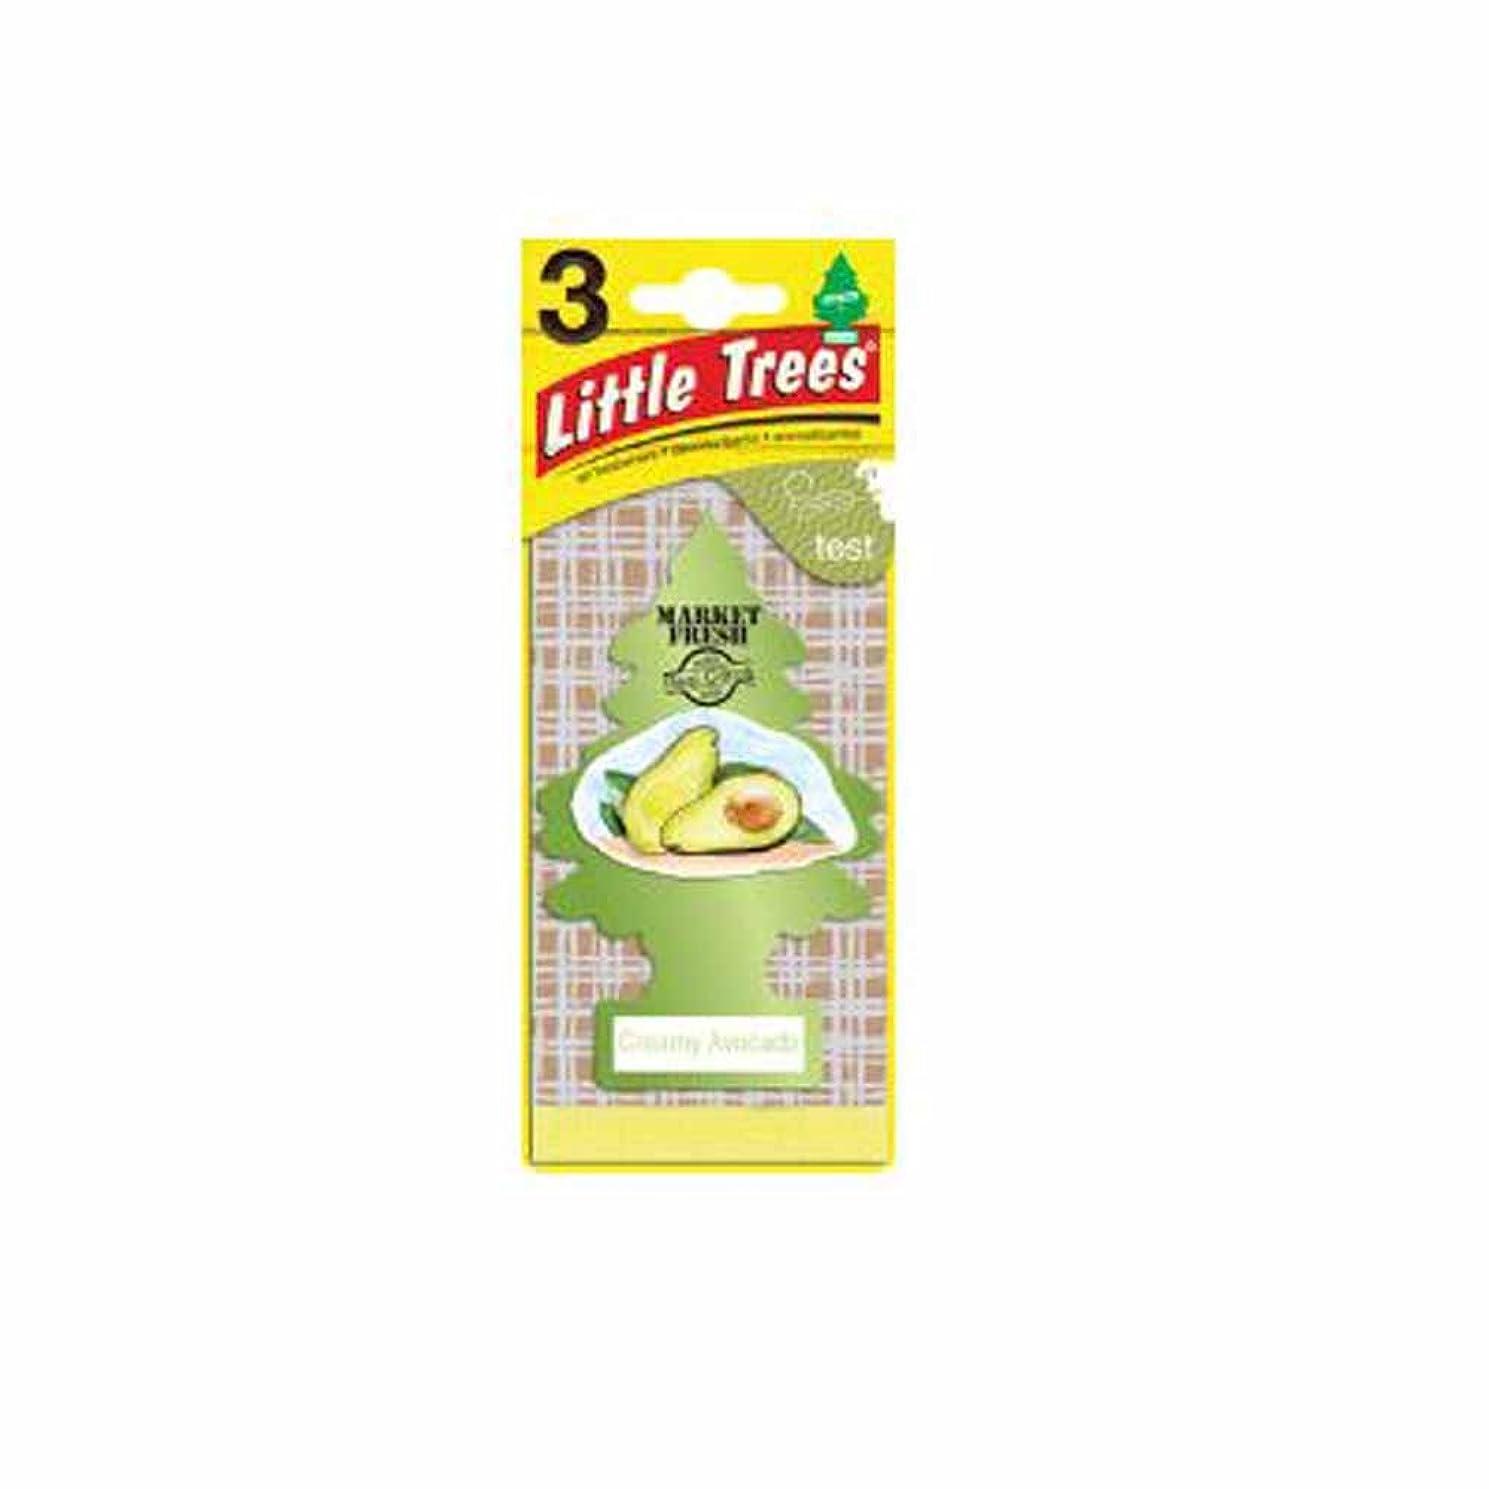 仲良し国勢調査解放するLittle Trees 吊下げタイプ エアーフレッシュナー creamy avocado(クリーミーアボカド) 3枚セット(3P) U3S-37340